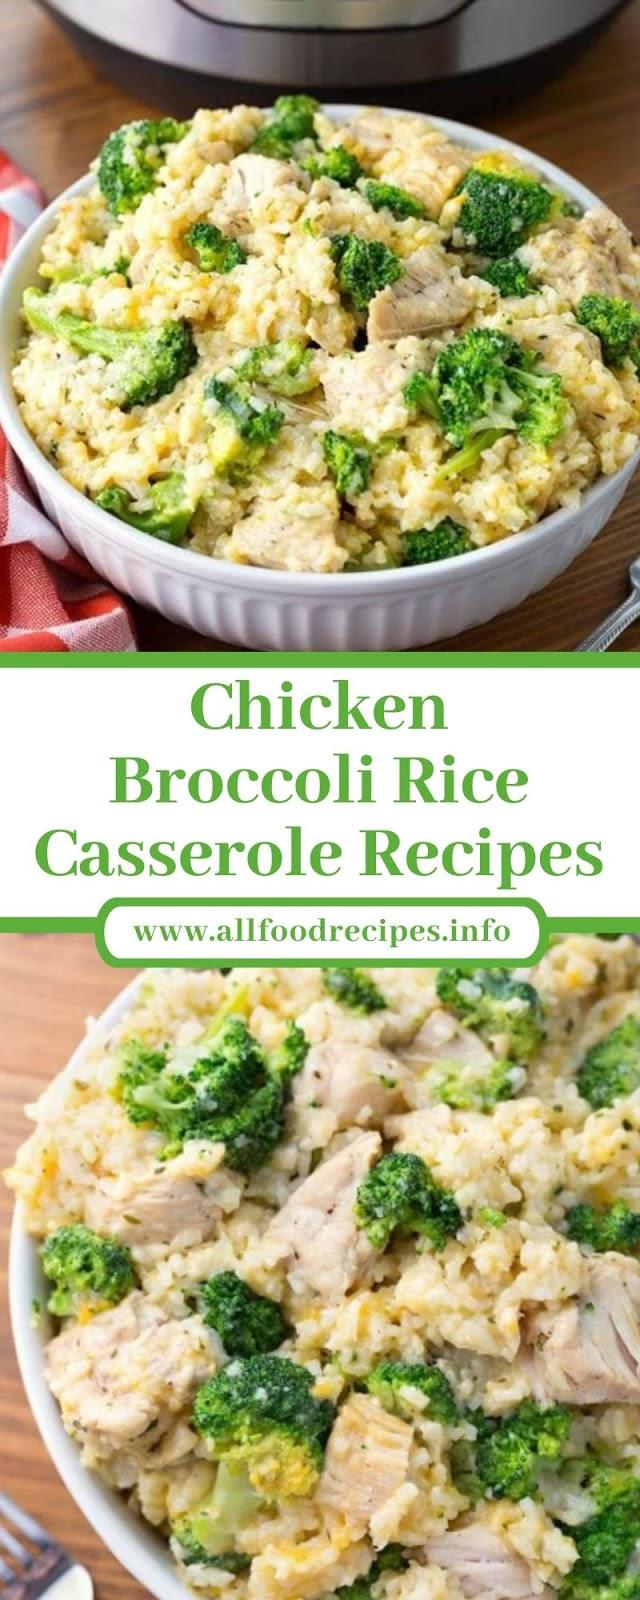 Chicken Broccoli Rice Casserole Recipes